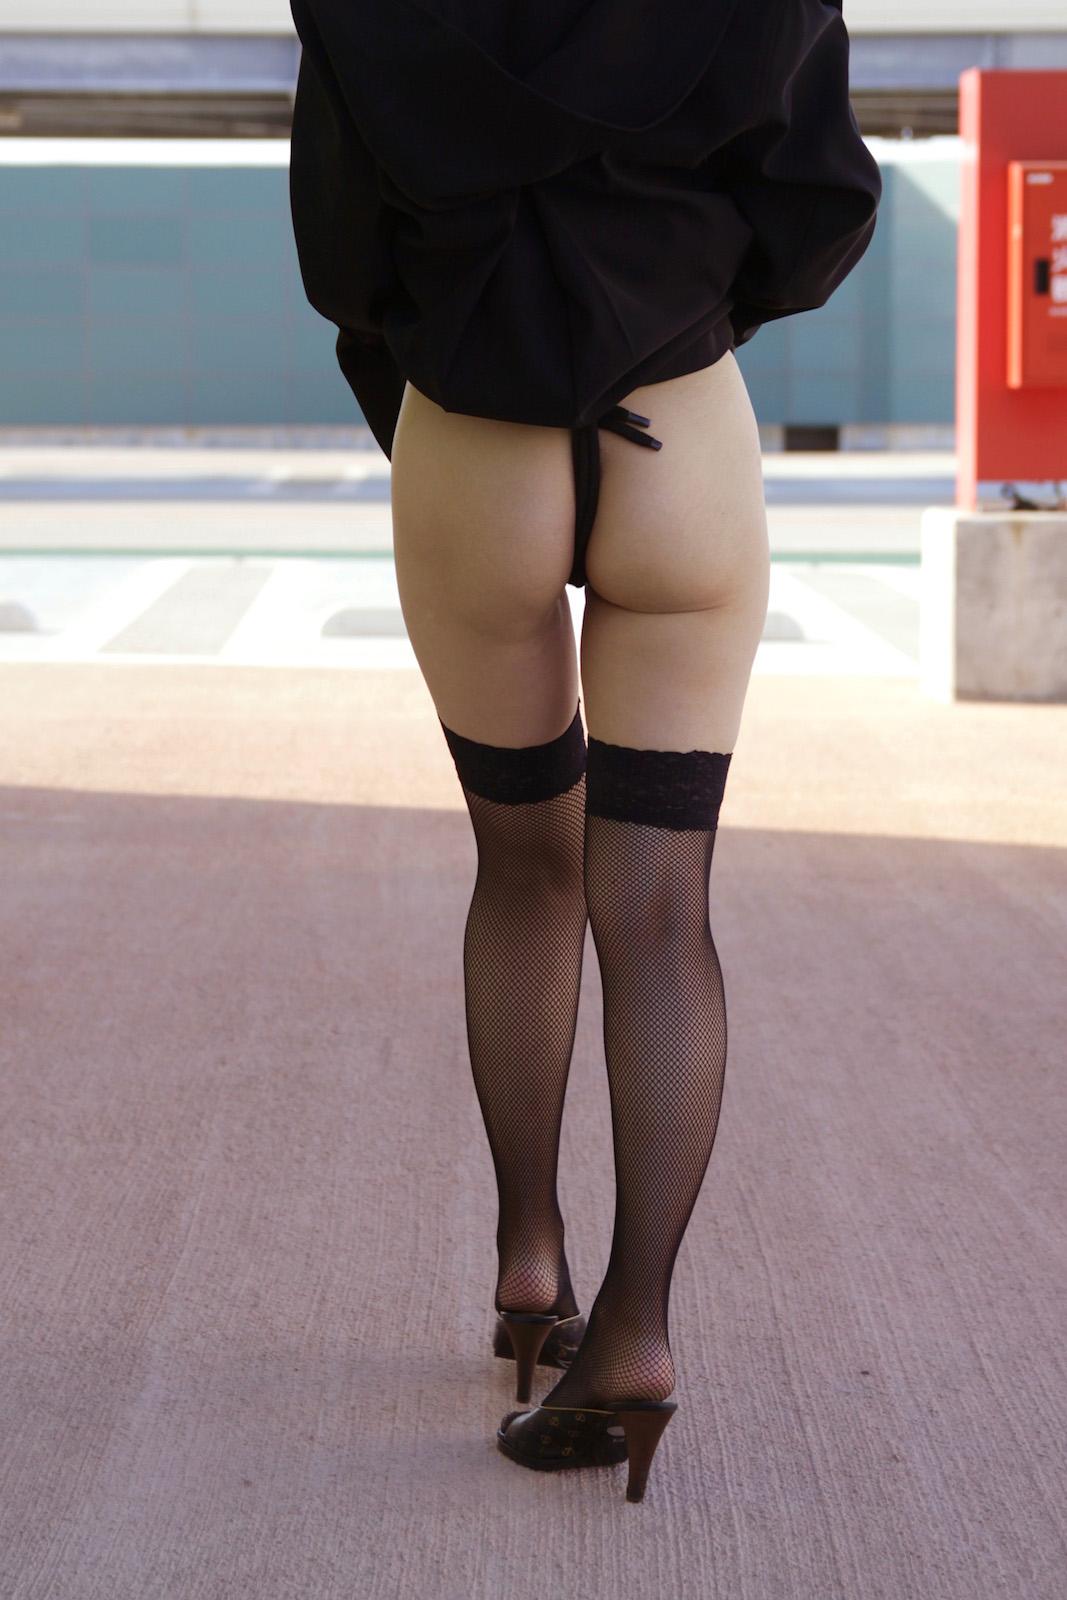 【露出エロ画像】暑いから脱ぎ甲斐があるとばかりに露出に全てを賭ける淑女たち(;・∀・)